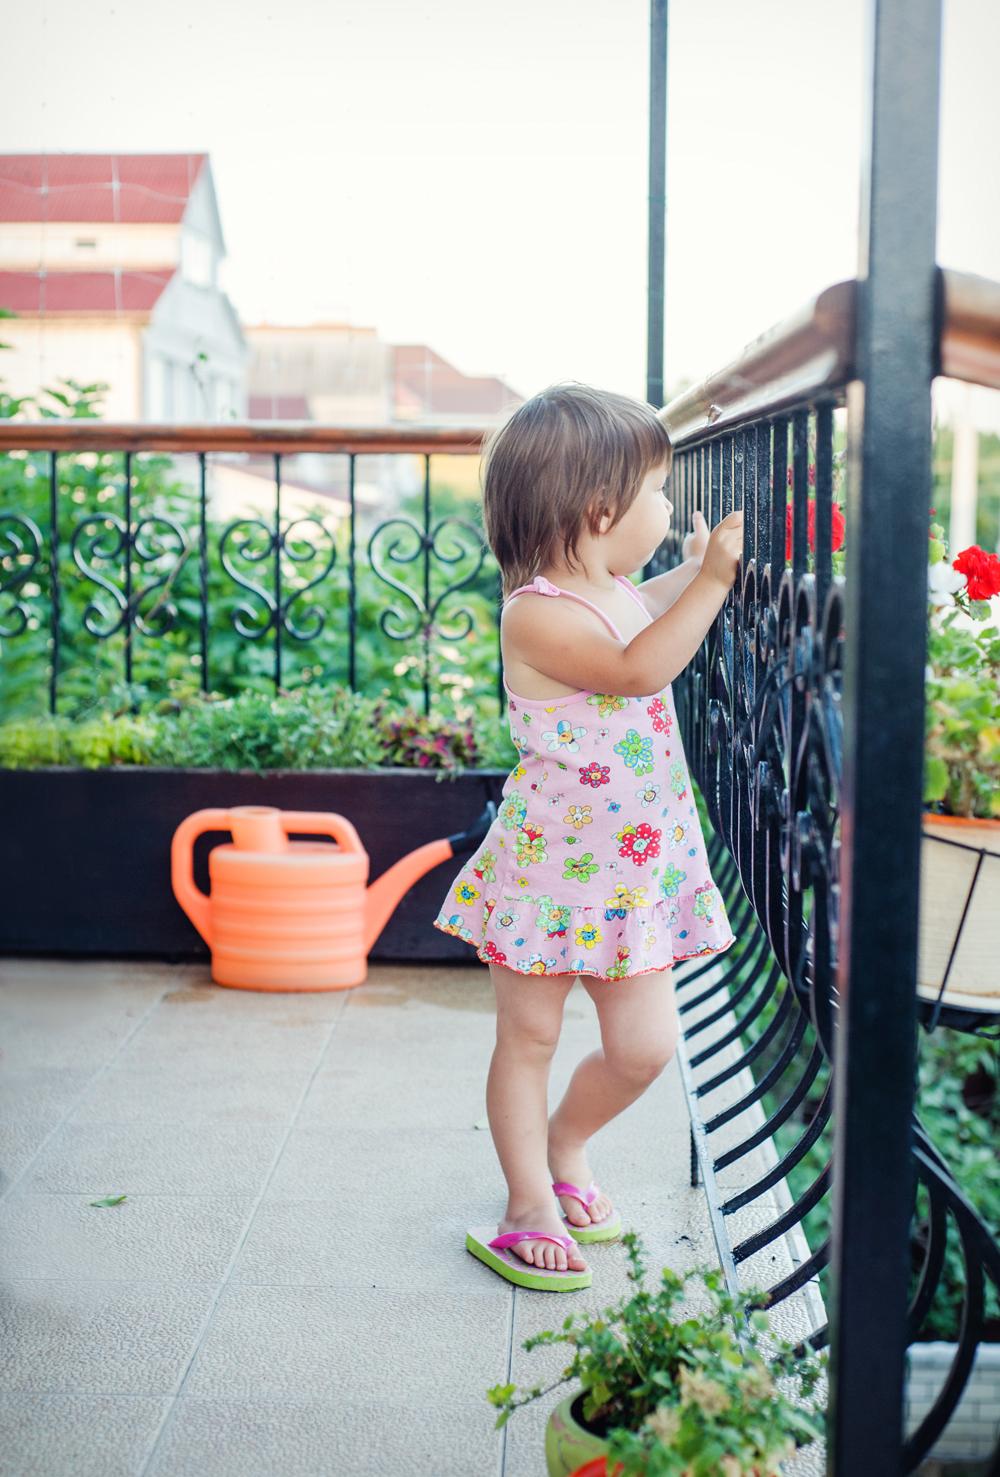 24 Есения - Есения - Малыши часто гораздо охотнее фотографируются  дома, где все знакомо и приятно) в домашних условиях и съемка получается уютной и теплой, а малыша удается снять более непосредственным и естественным:)